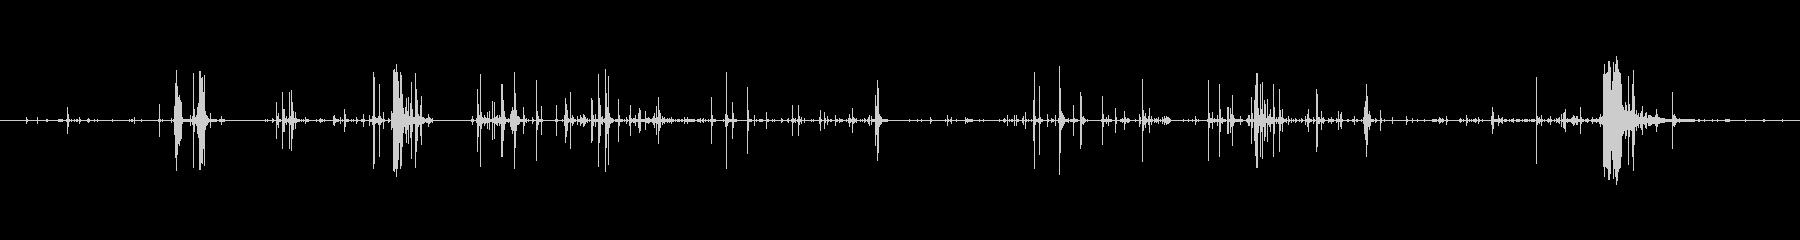 木 スプリンターロー03の未再生の波形